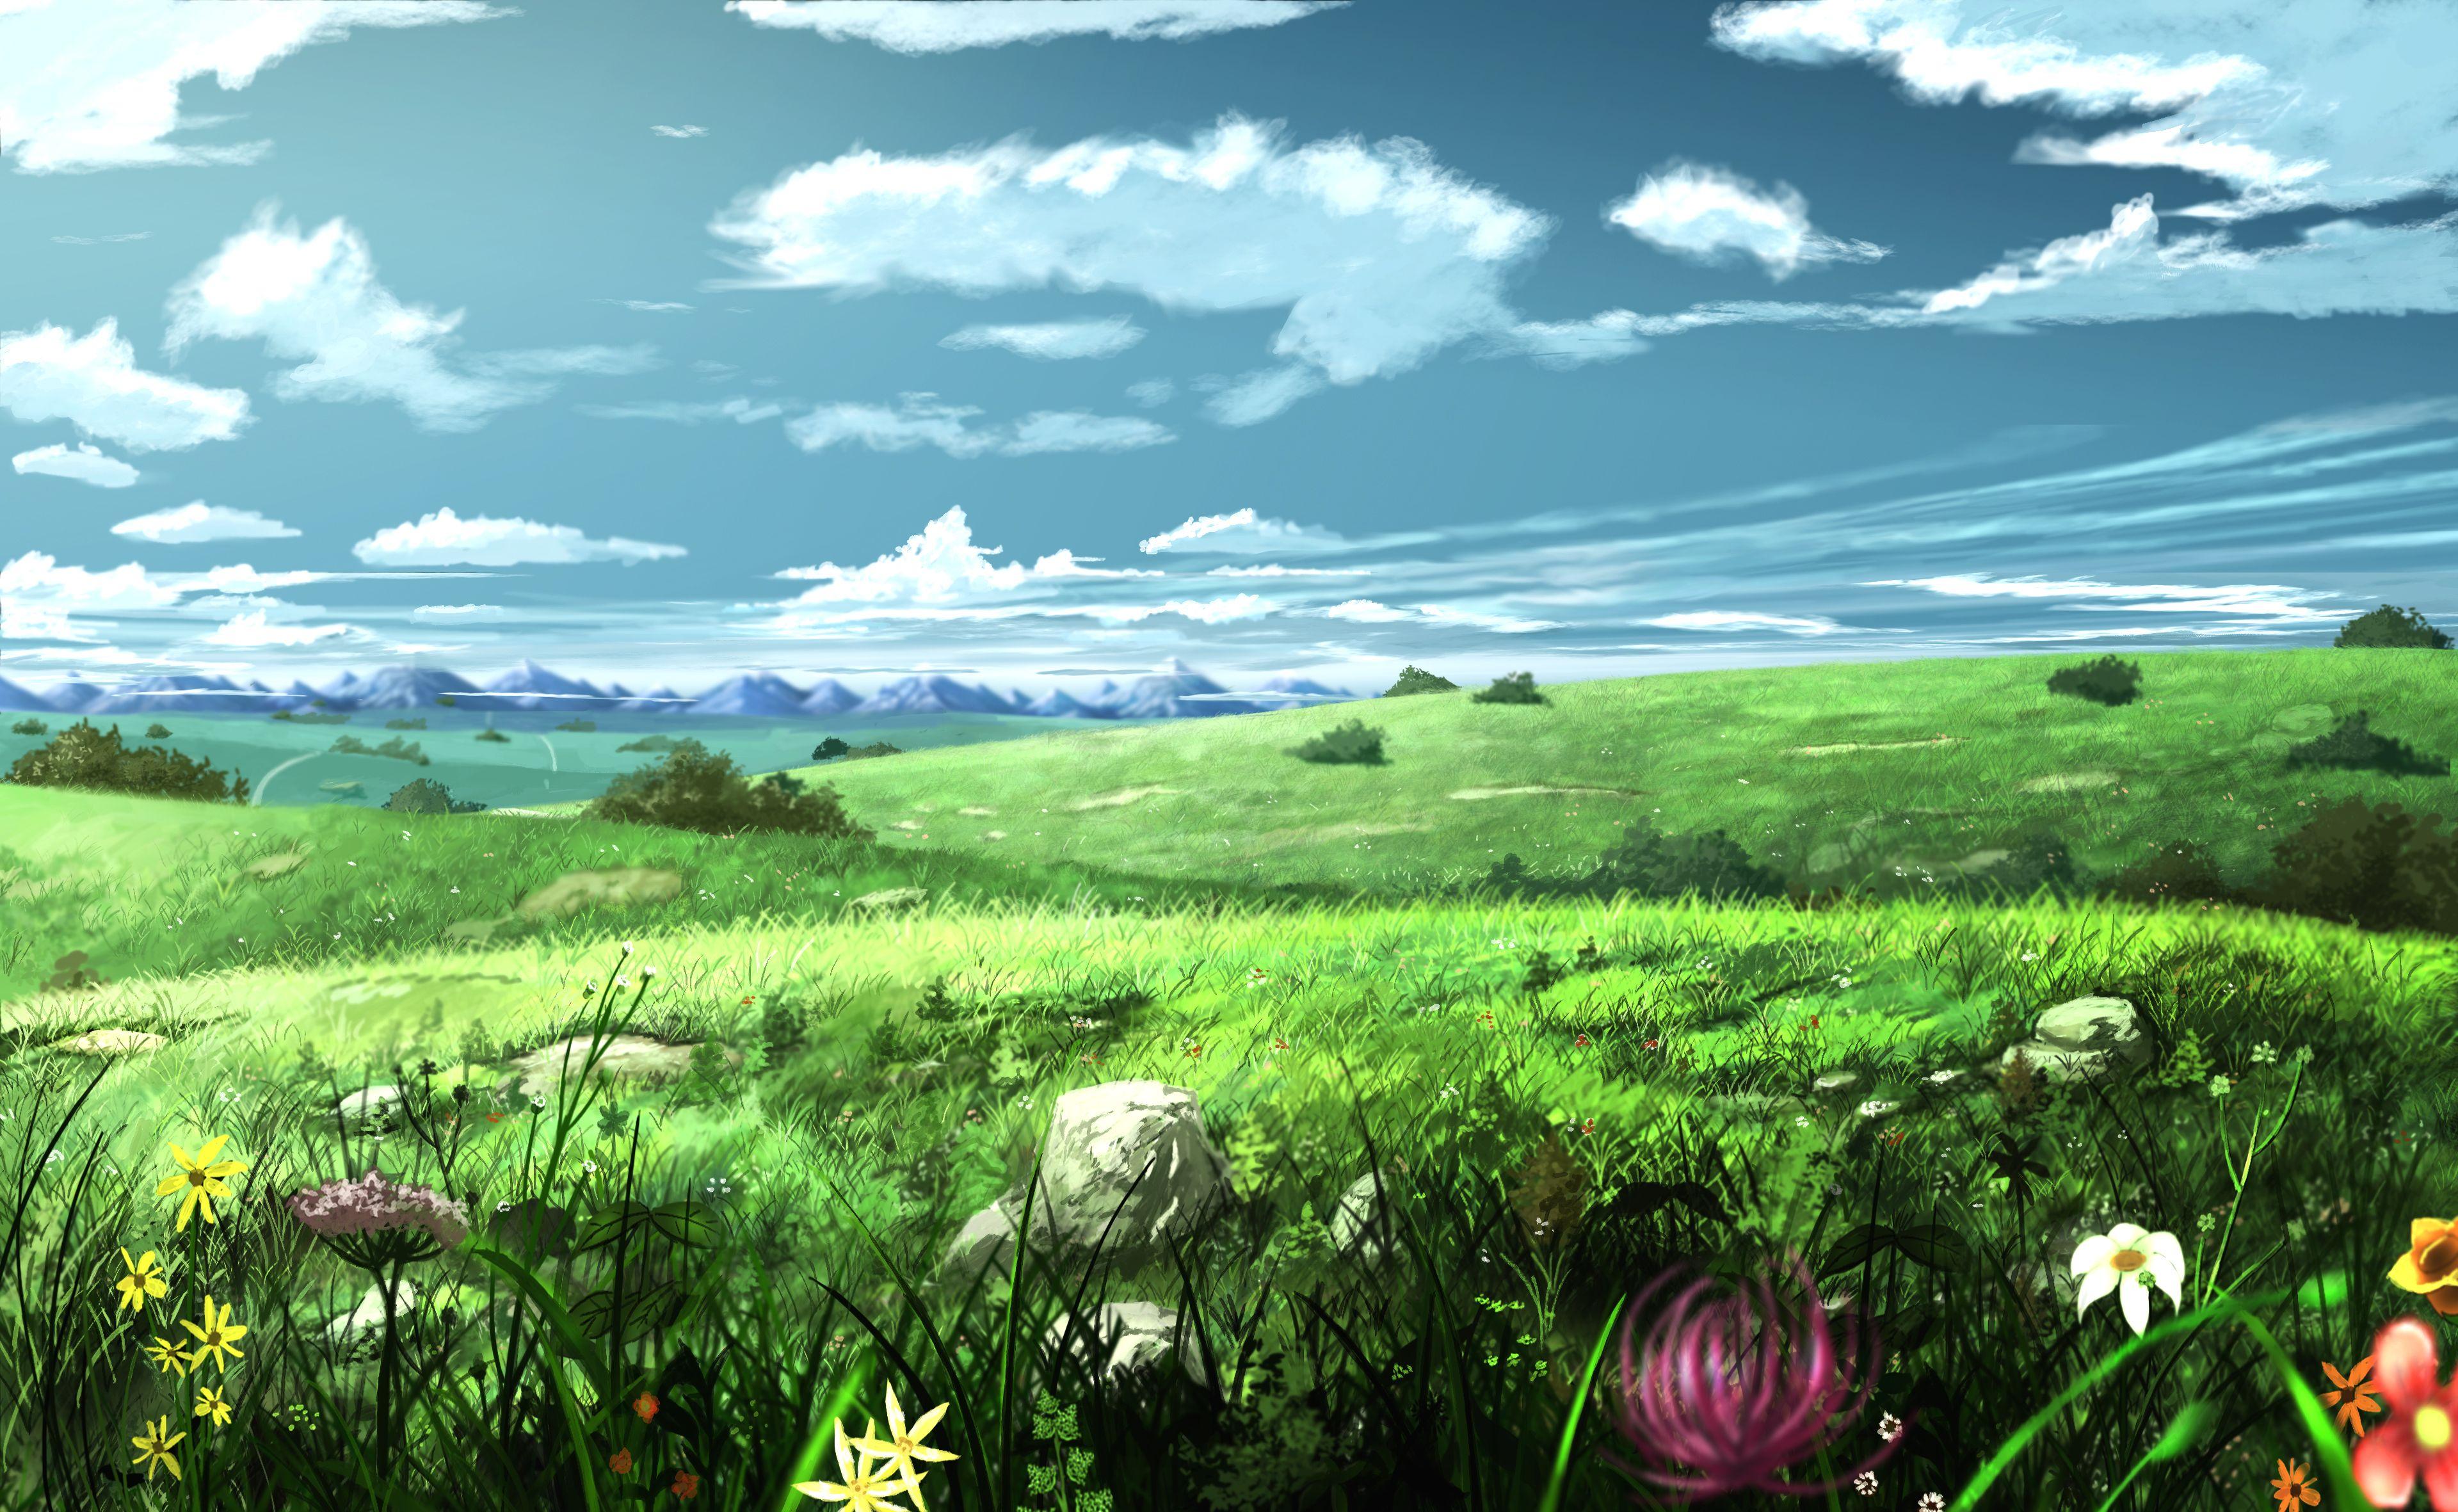 Anime Landscape Wallpaper 3840x2362 Id 51973 In 2020 Landscape Wallpaper Anime Scenery Wallpaper Anime Scenery